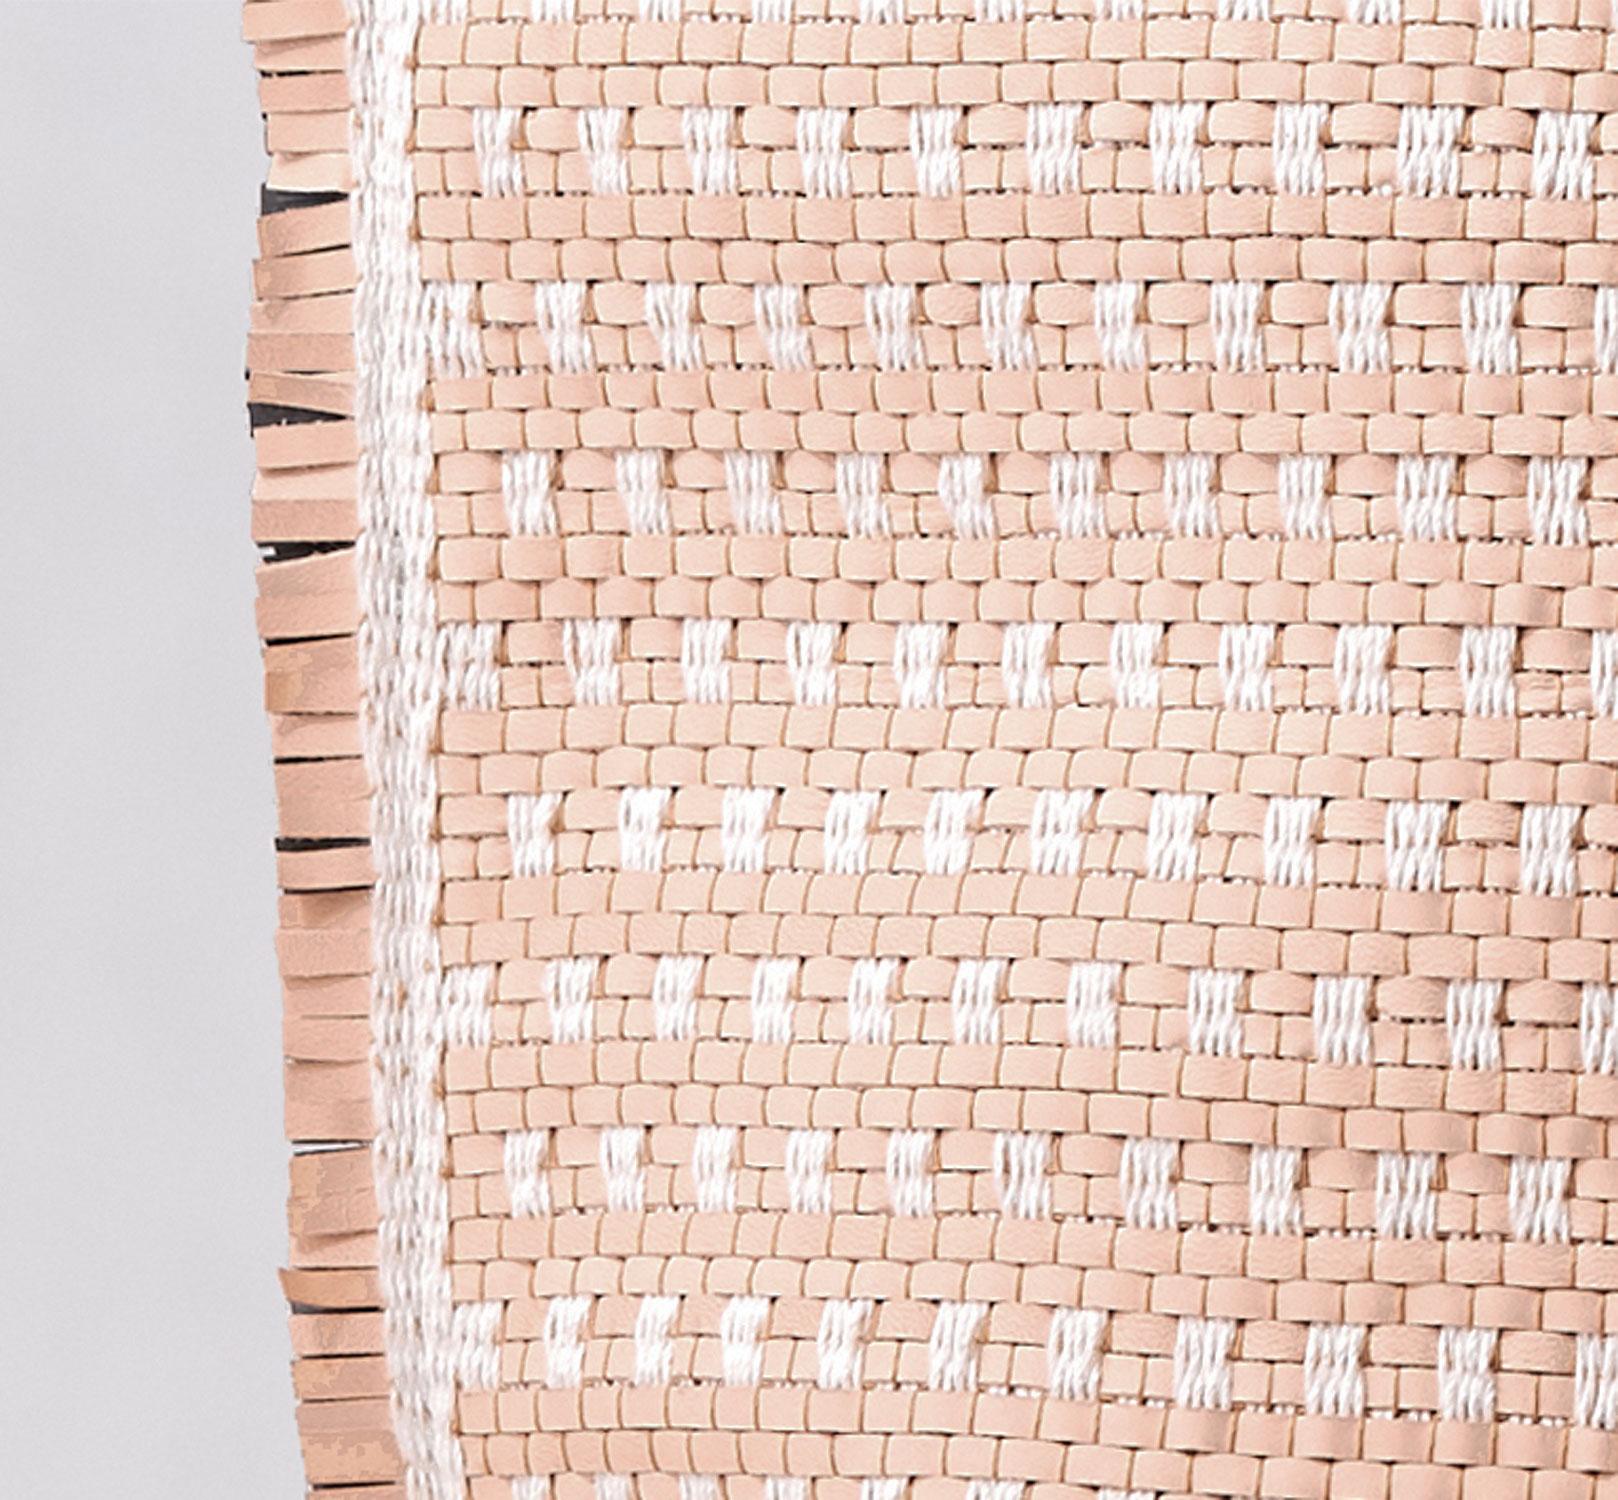 Basket-weave-side-WL-VTL-R_web.jpg